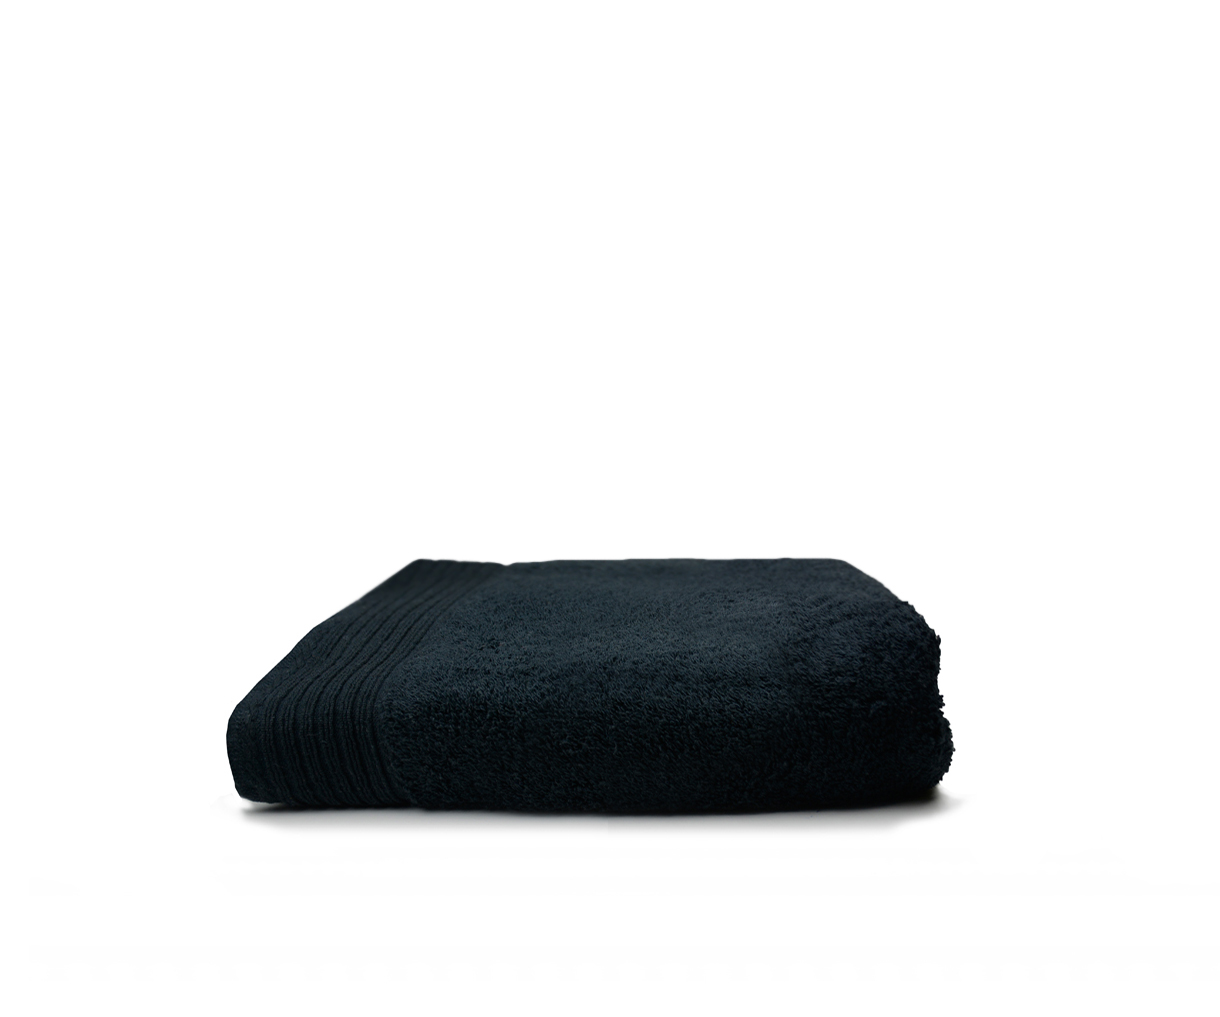 Classic-käsipyyhkeet 50, Musta